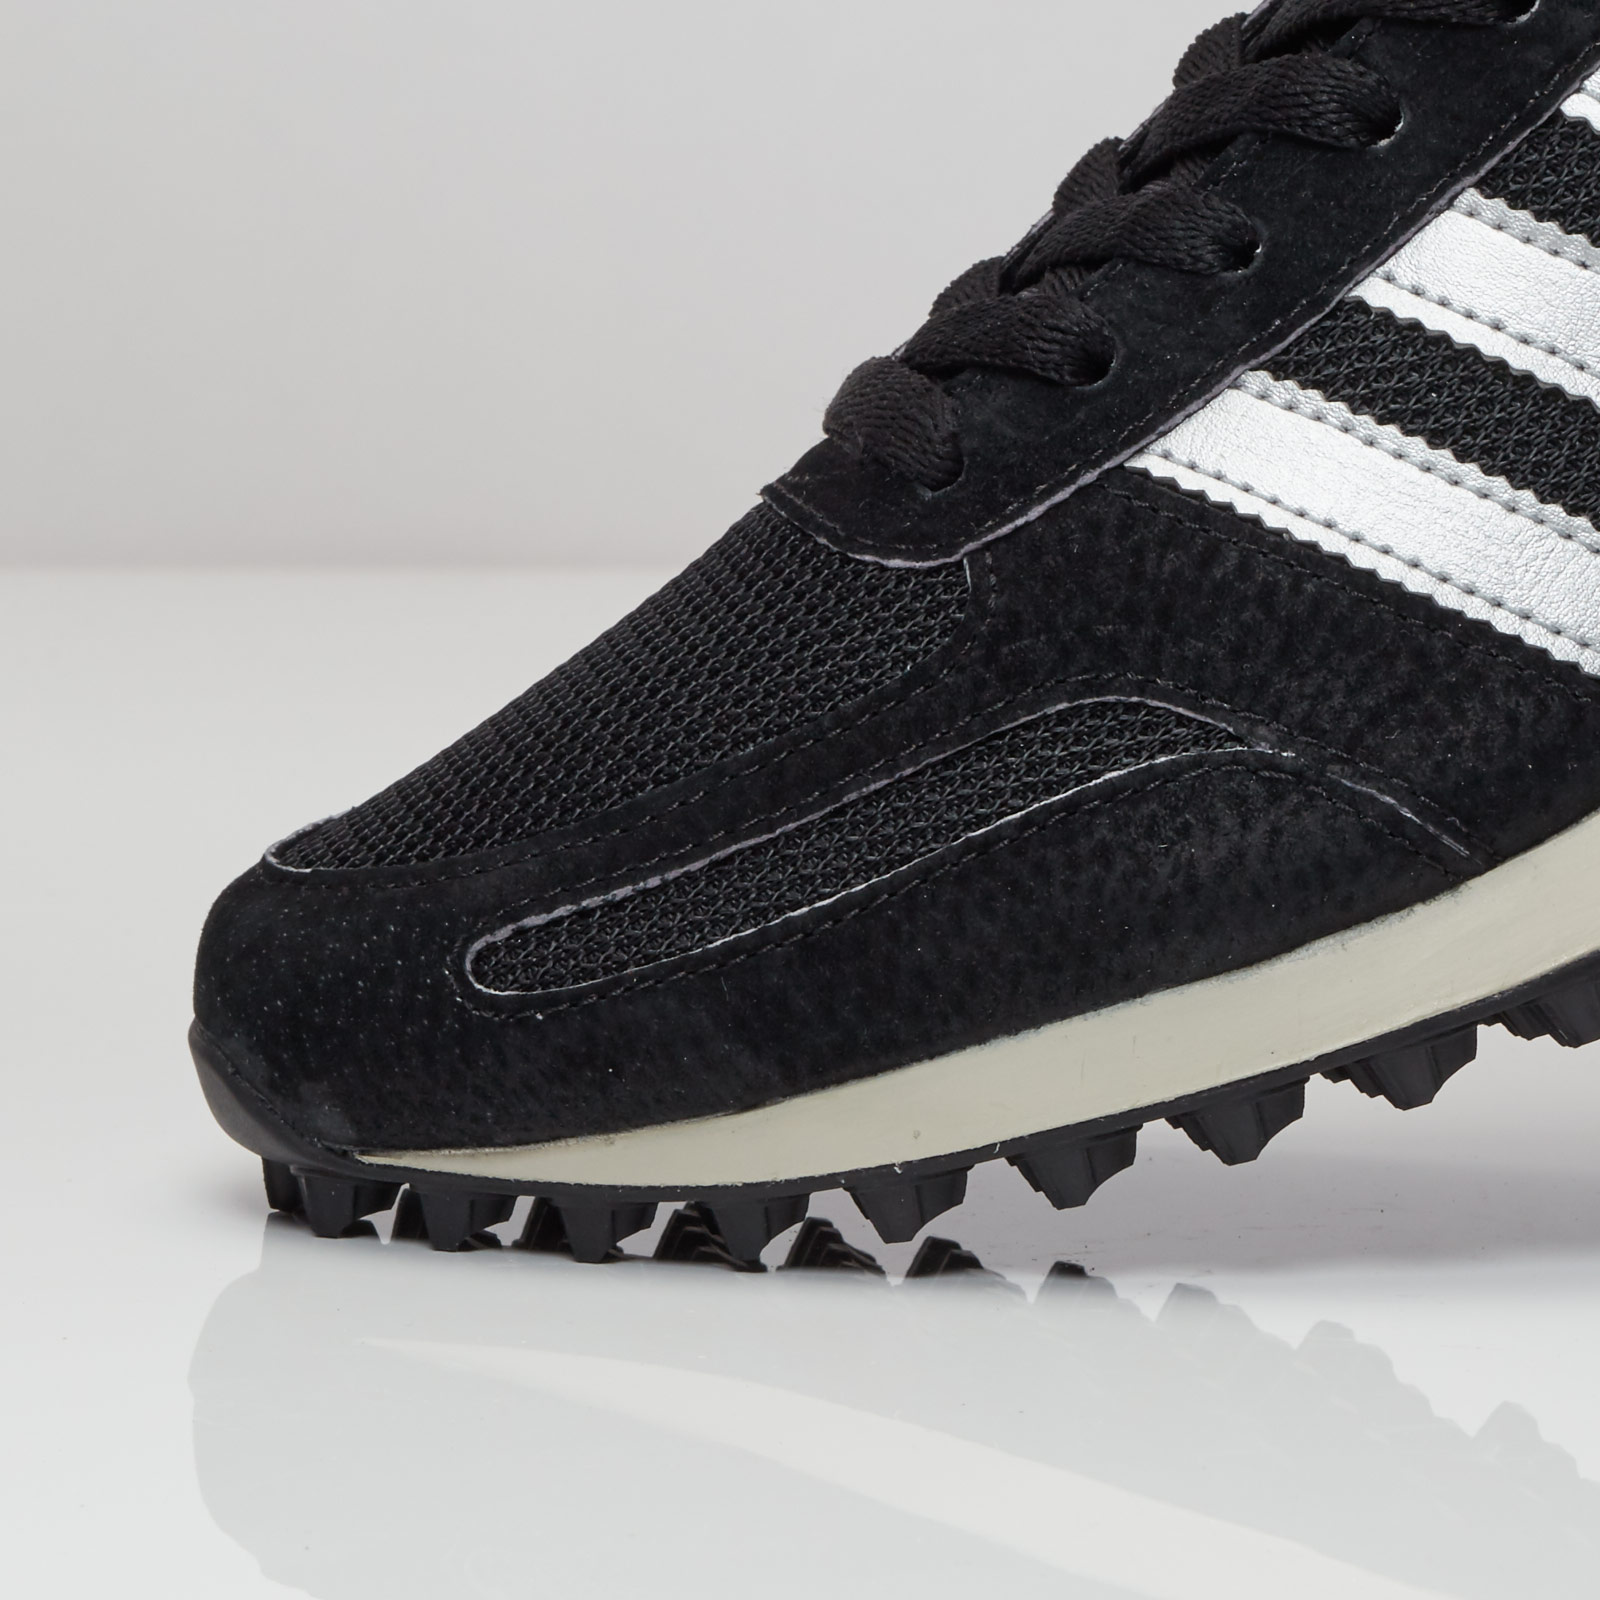 adidas la trainer og nere